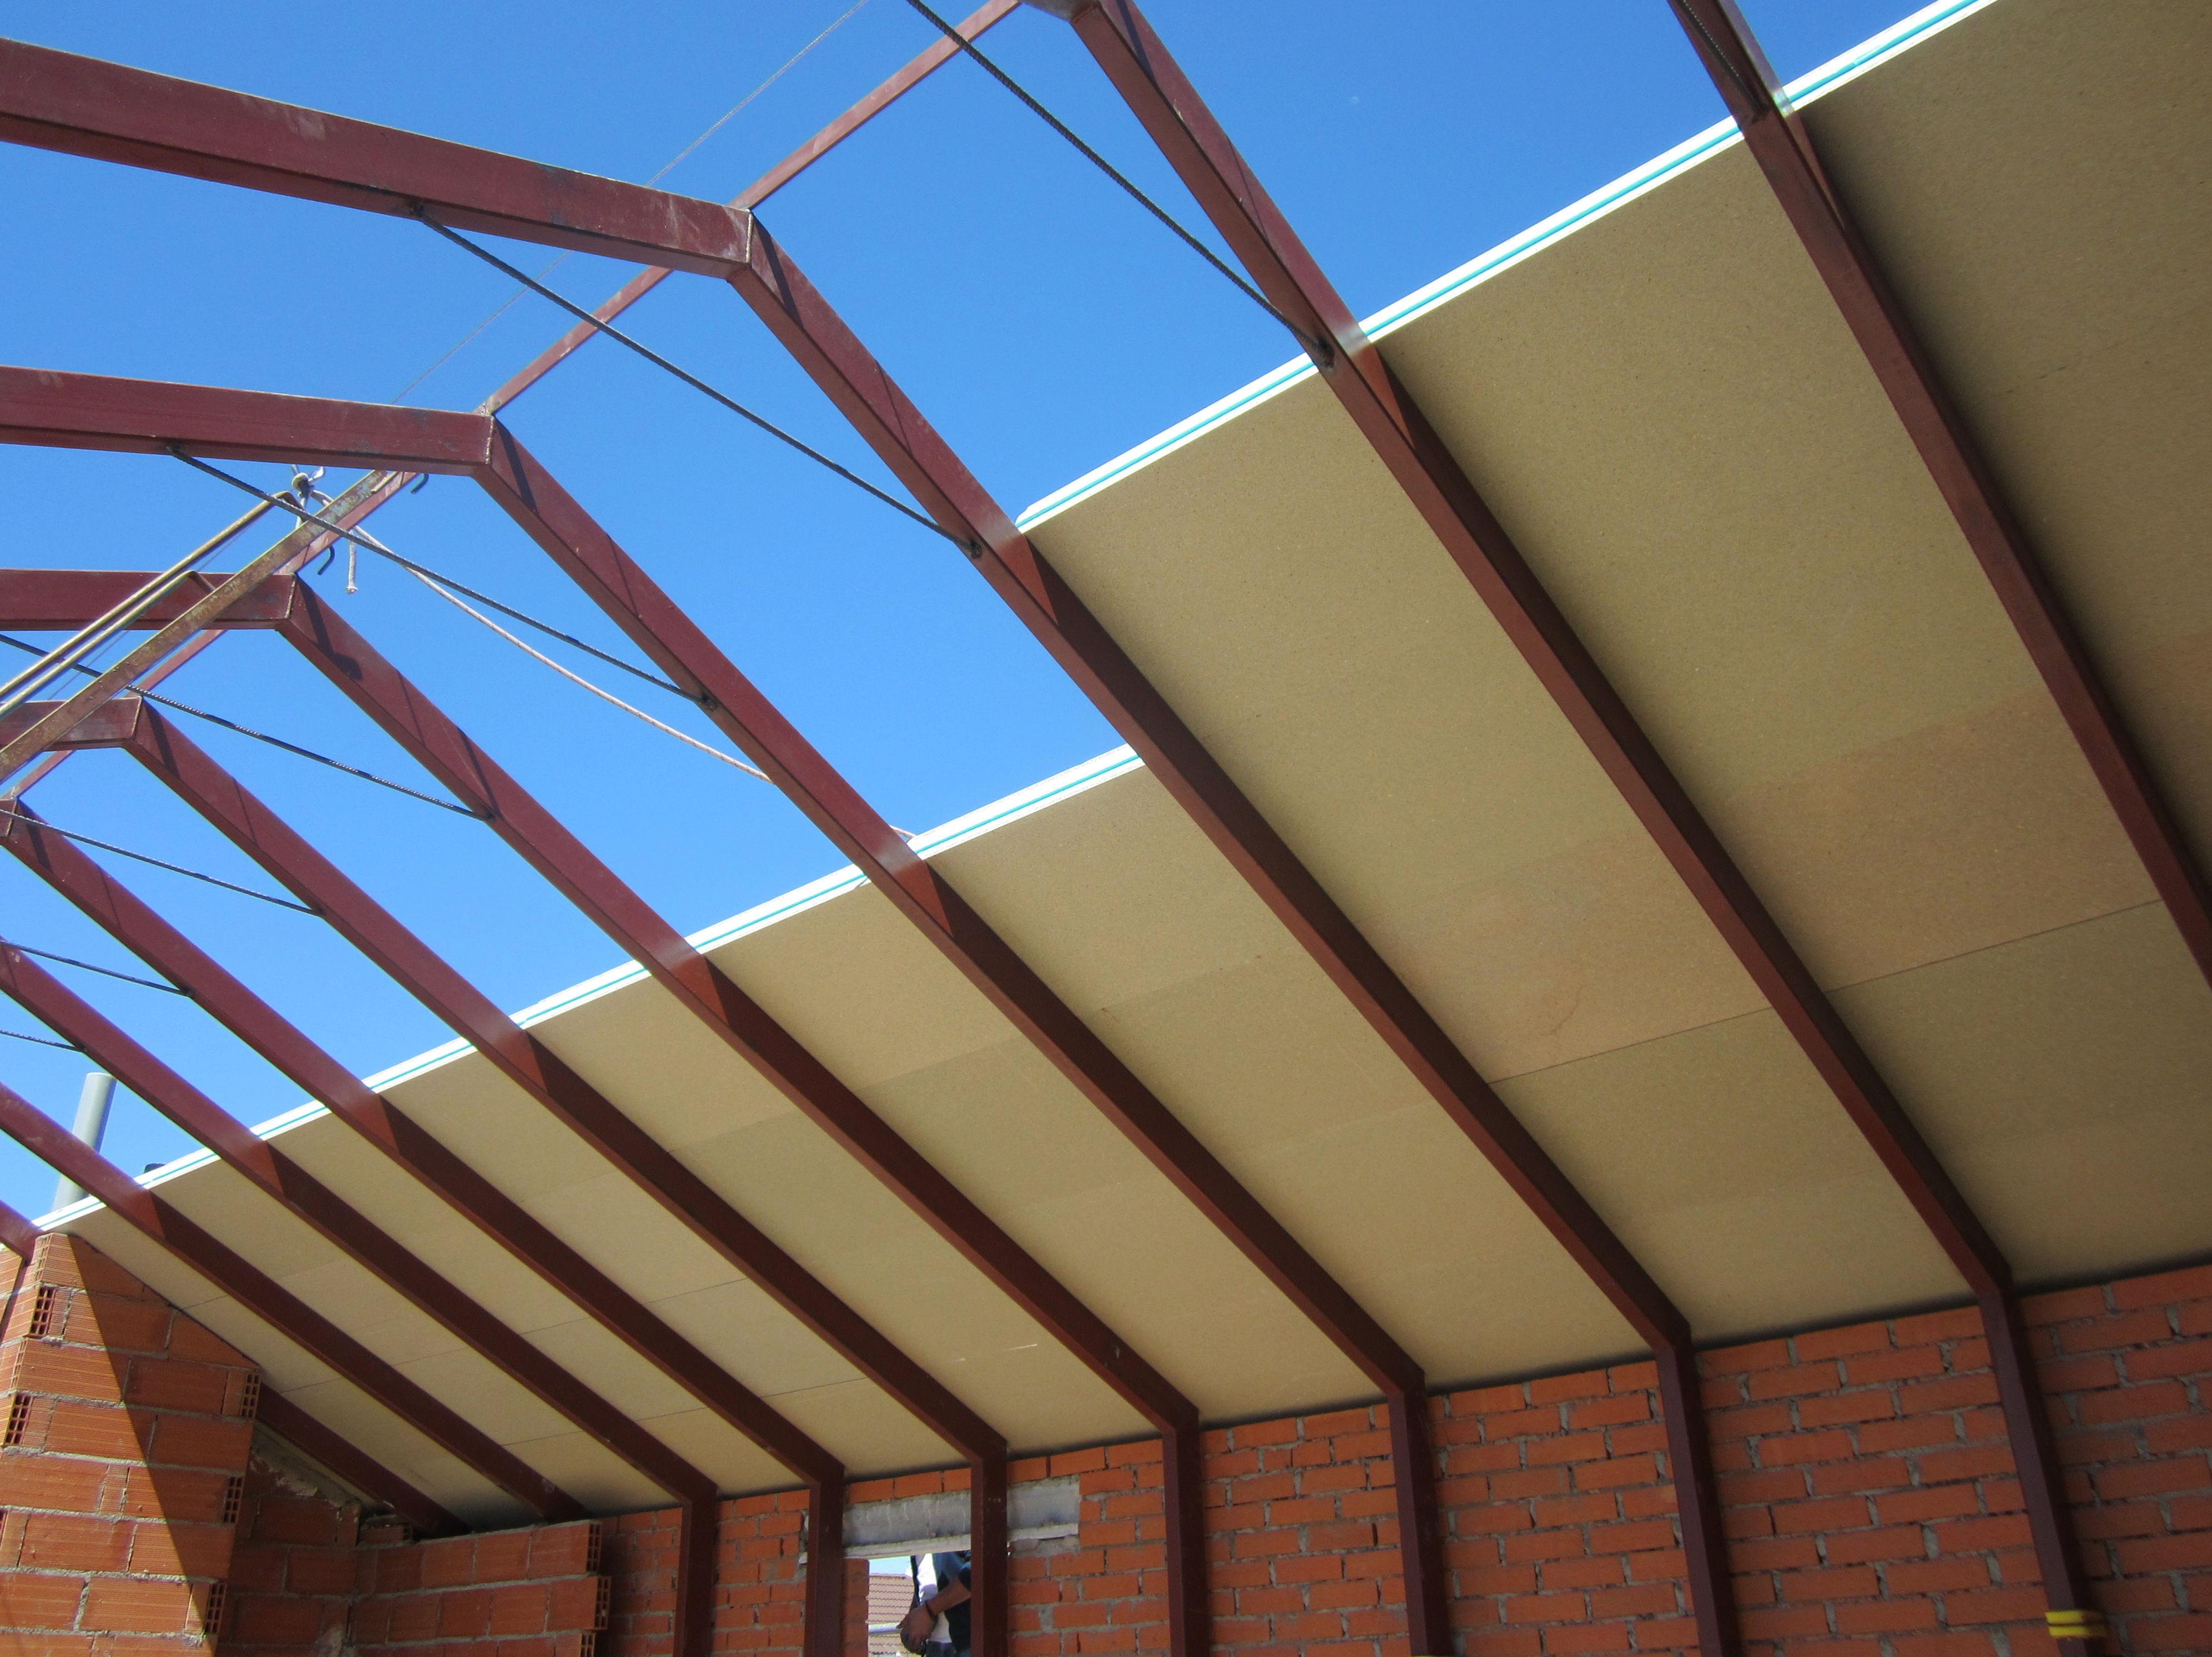 Cubiertas metalicas sandwich materiales de construcci n para la reparaci n - Estructura metalica cubierta ...